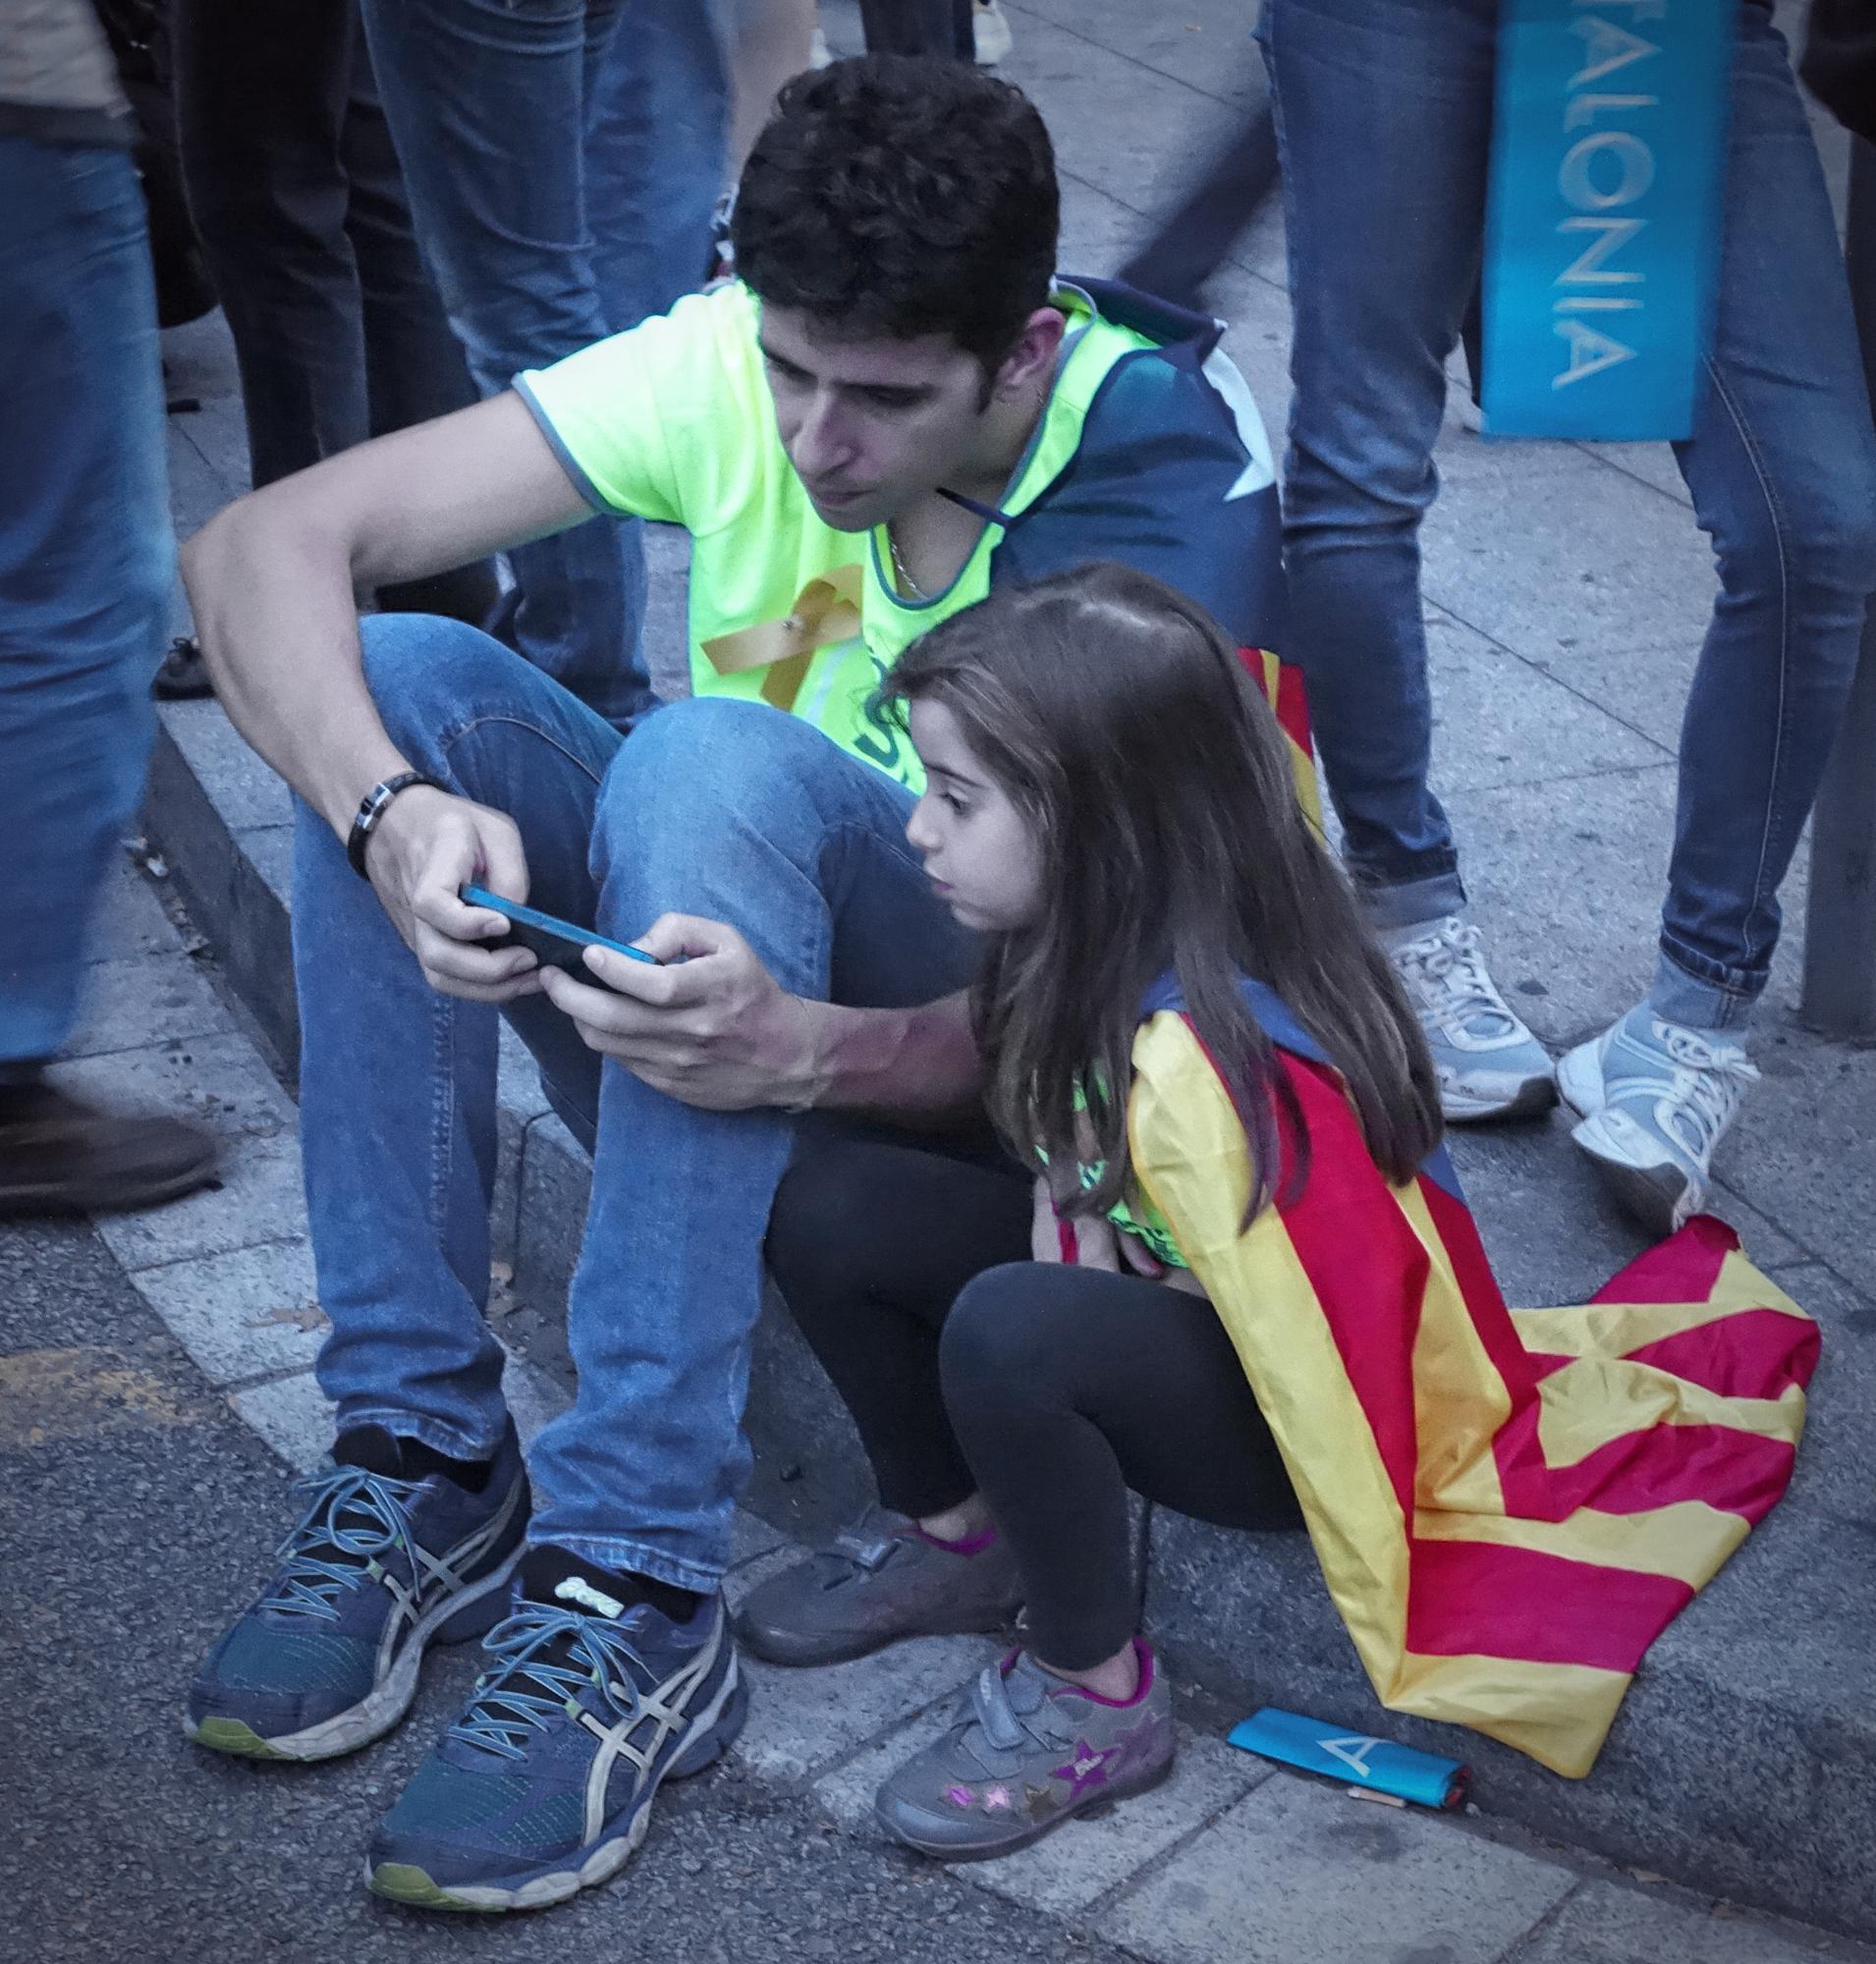 Manifestació, #12. Barcelona, Catalunya, Espanya